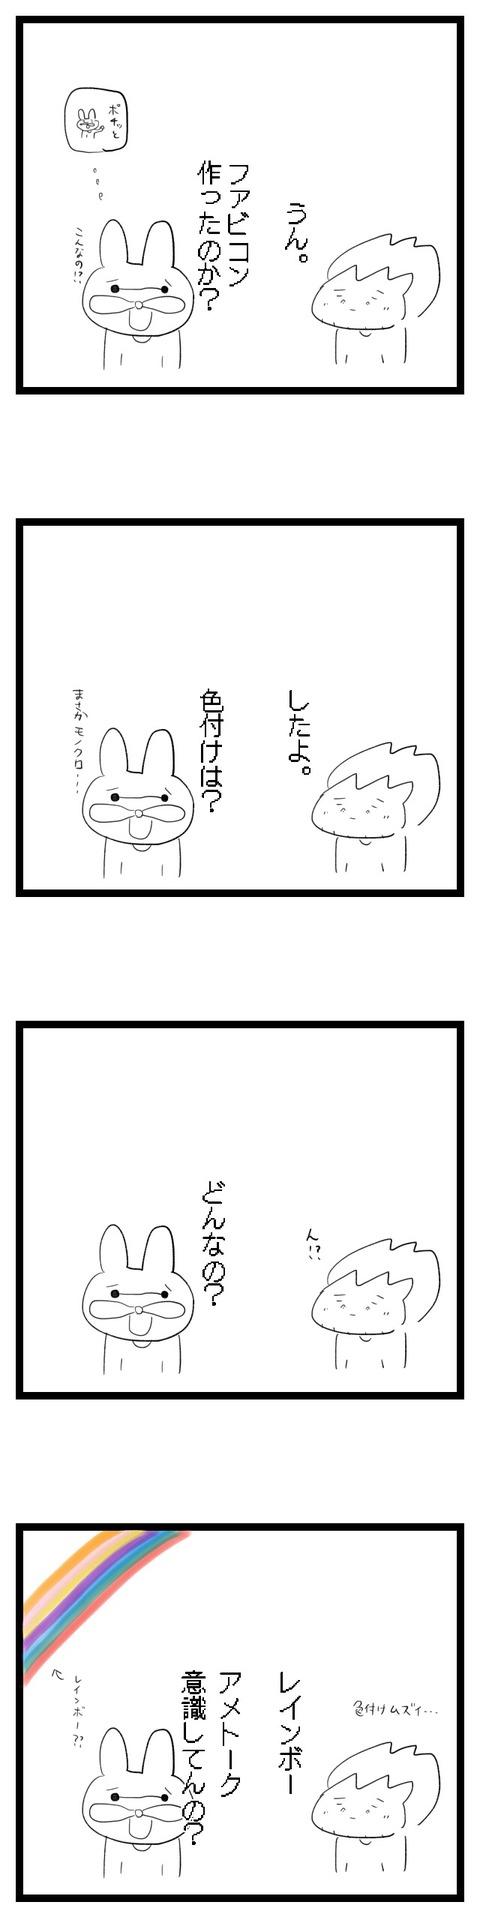 9ファビコン作成